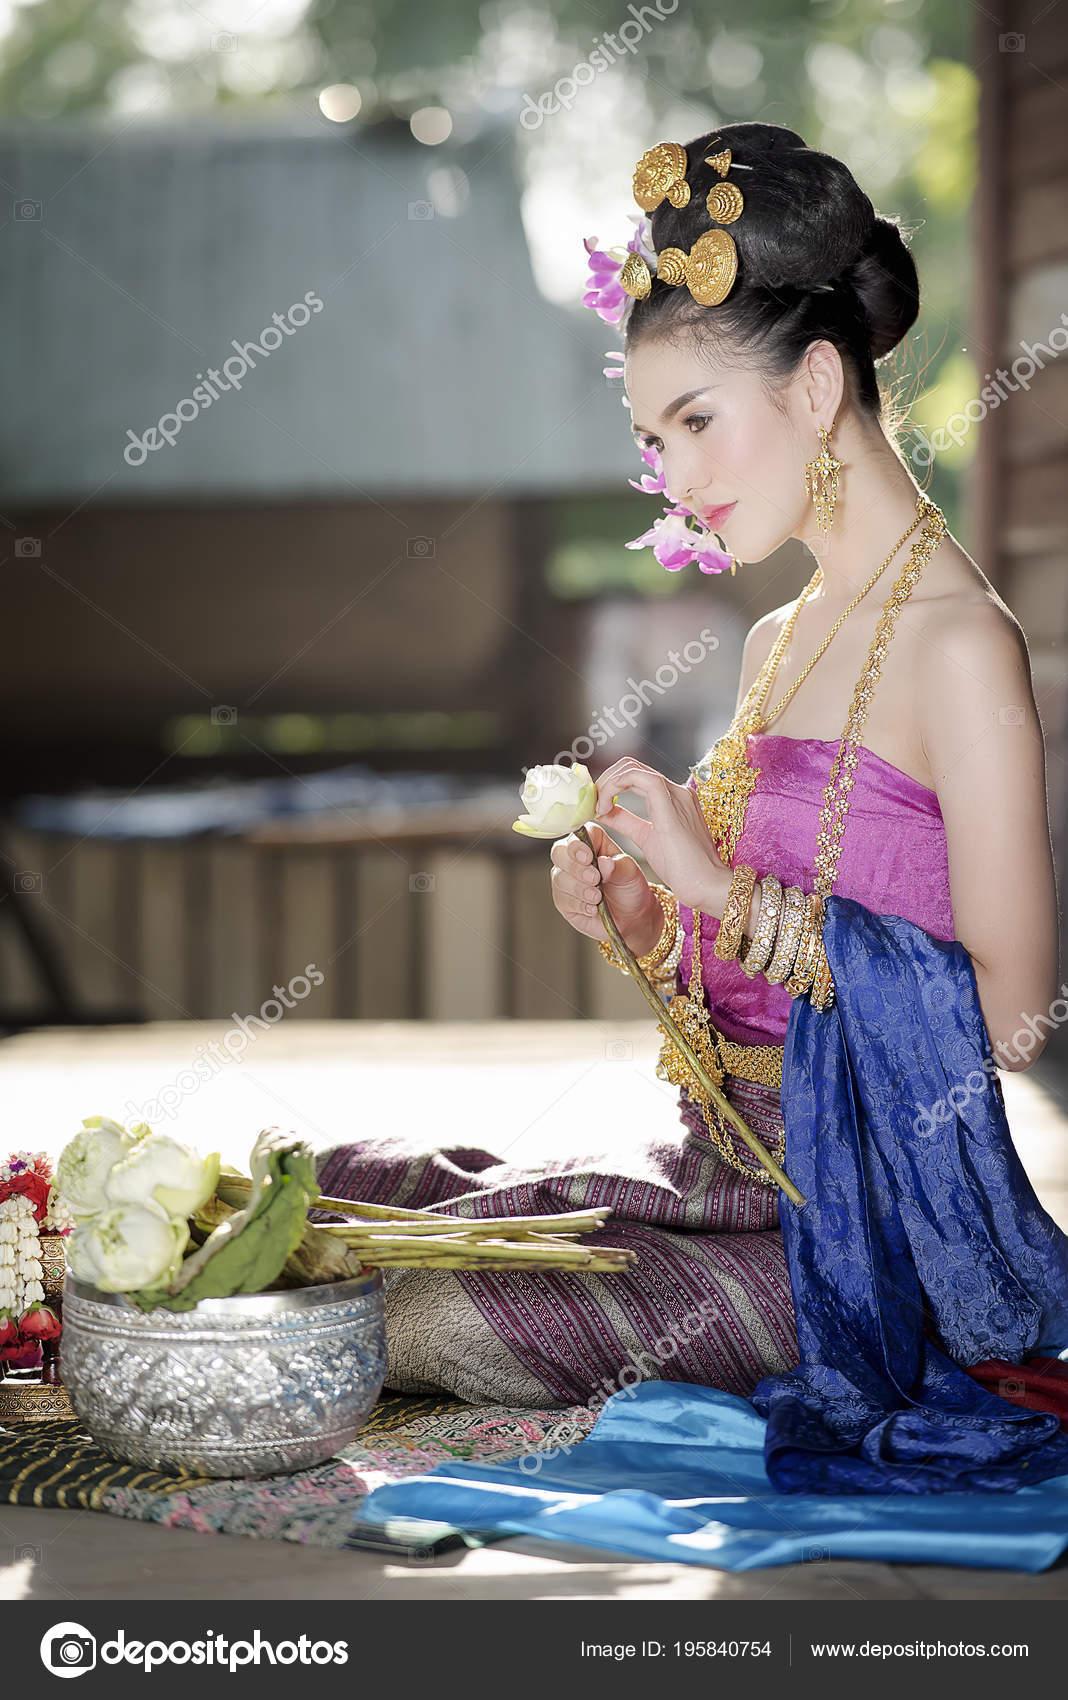 https://st3.depositphotos.com/3506113/19584/i/1600/depositphotos_195840754-stock-photo-young-beautiful-woman-thai-traditional.jpg